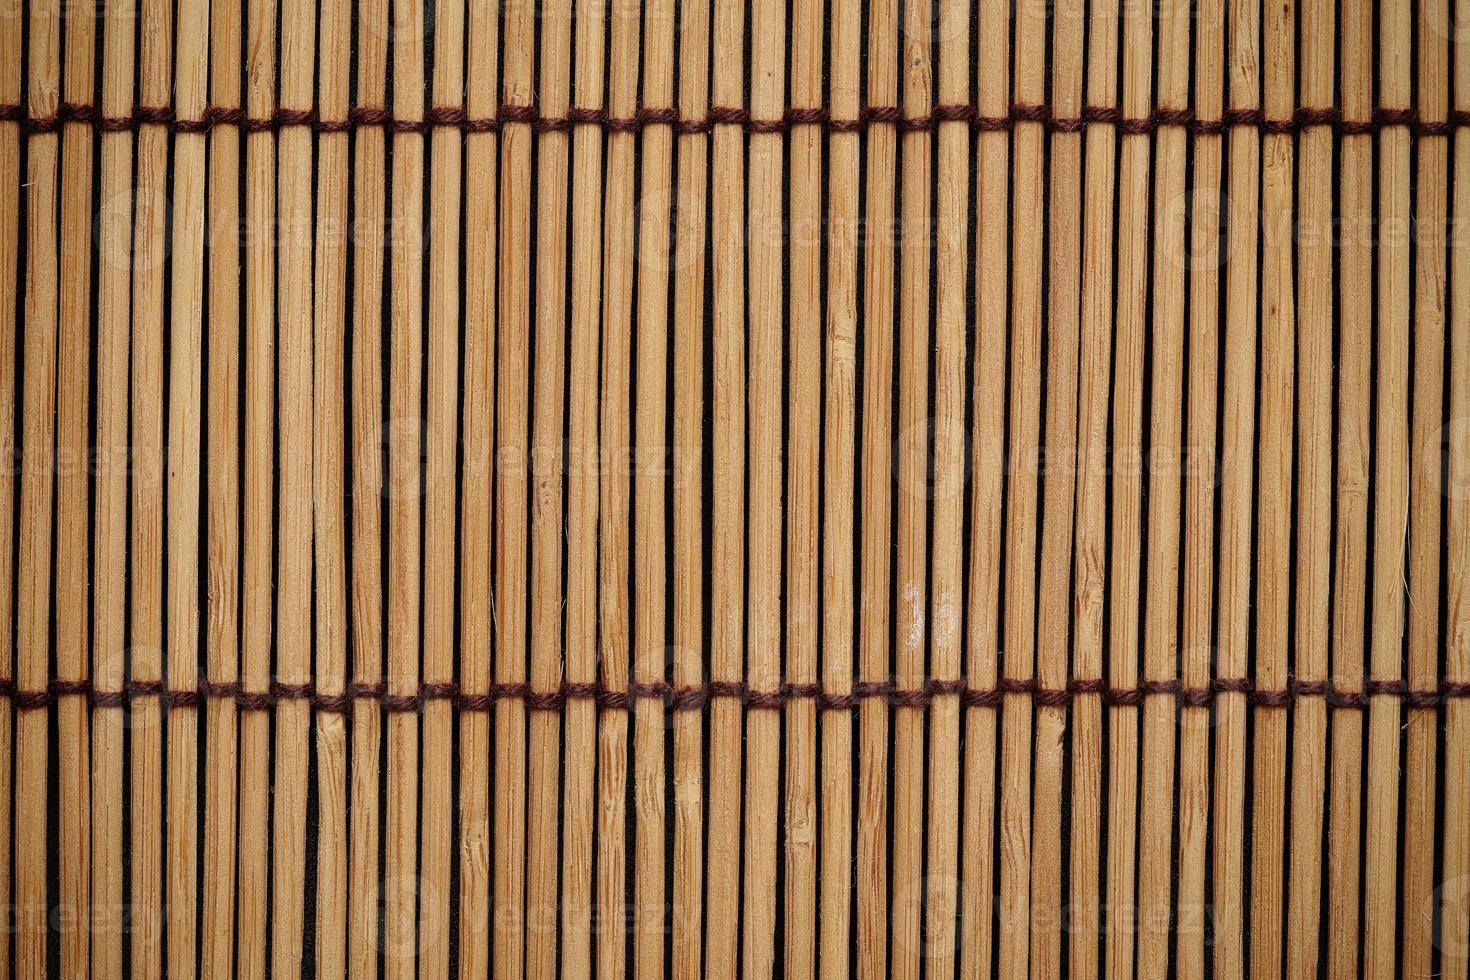 strukturen och mönstret på japansk matta bakgrund foto